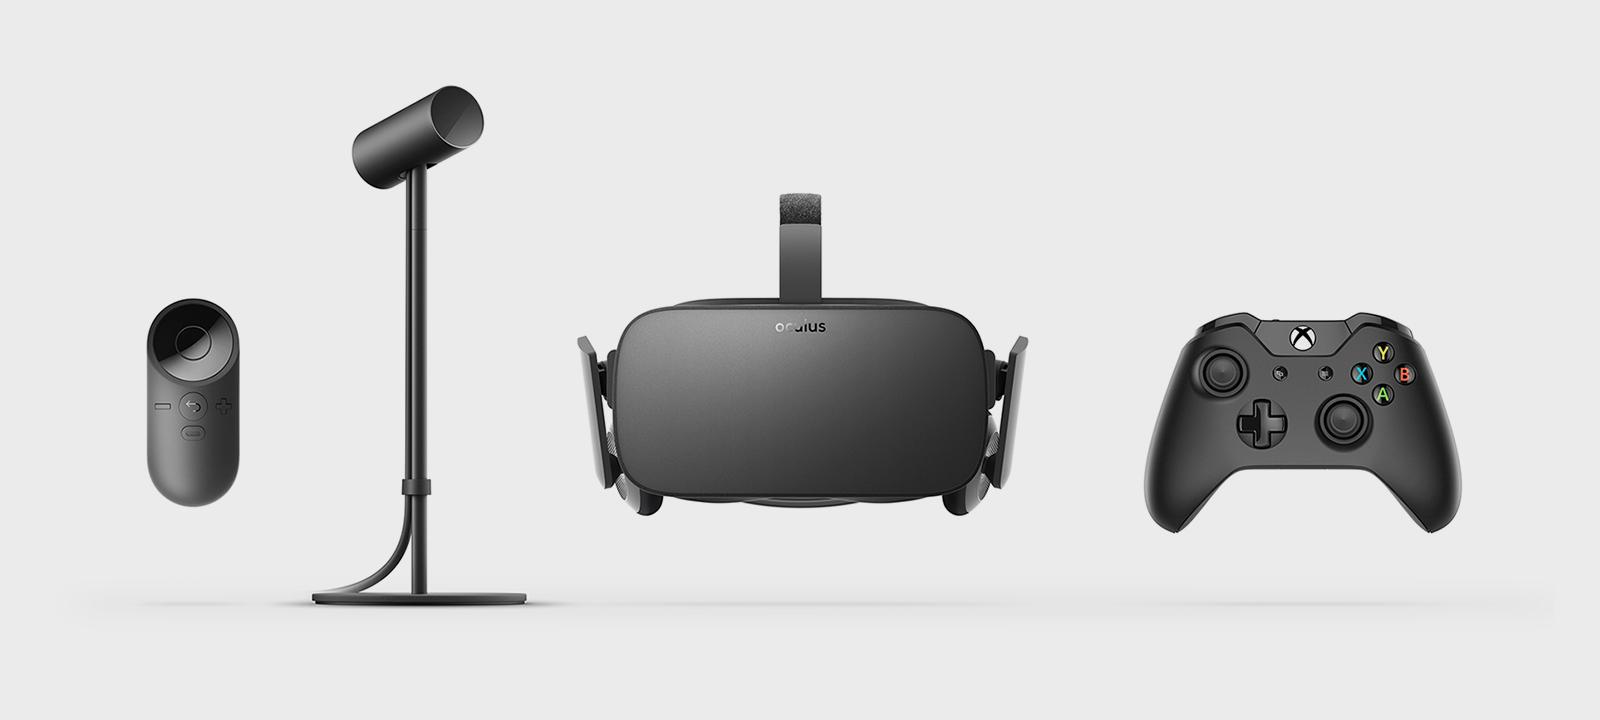 Oculus rift(オキュラス リフト)情報まとめ!|価格・付属品に購入方法からレビュー・口コミなど徹底紹介